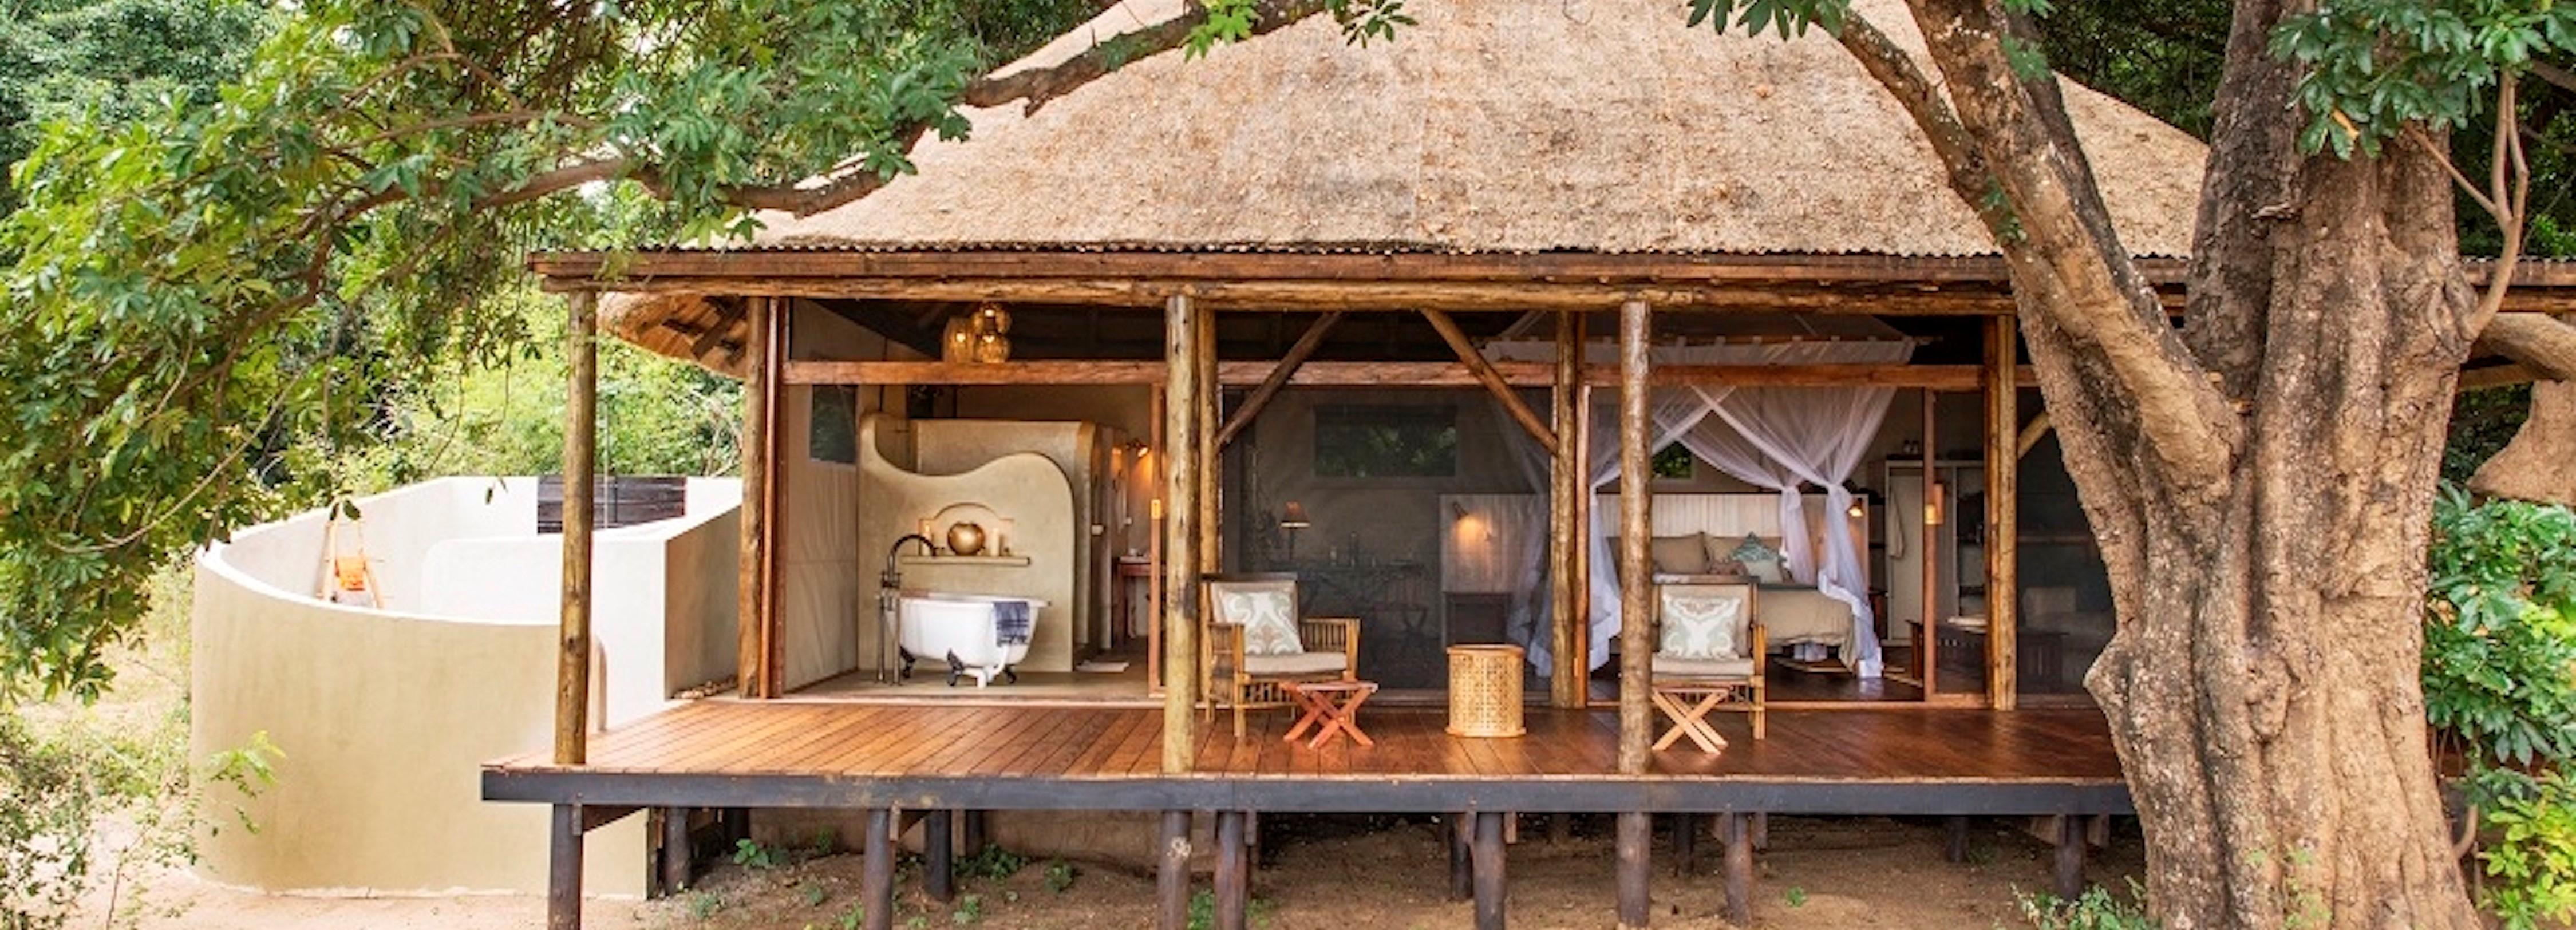 chiawa-camp-luxury-accommodation